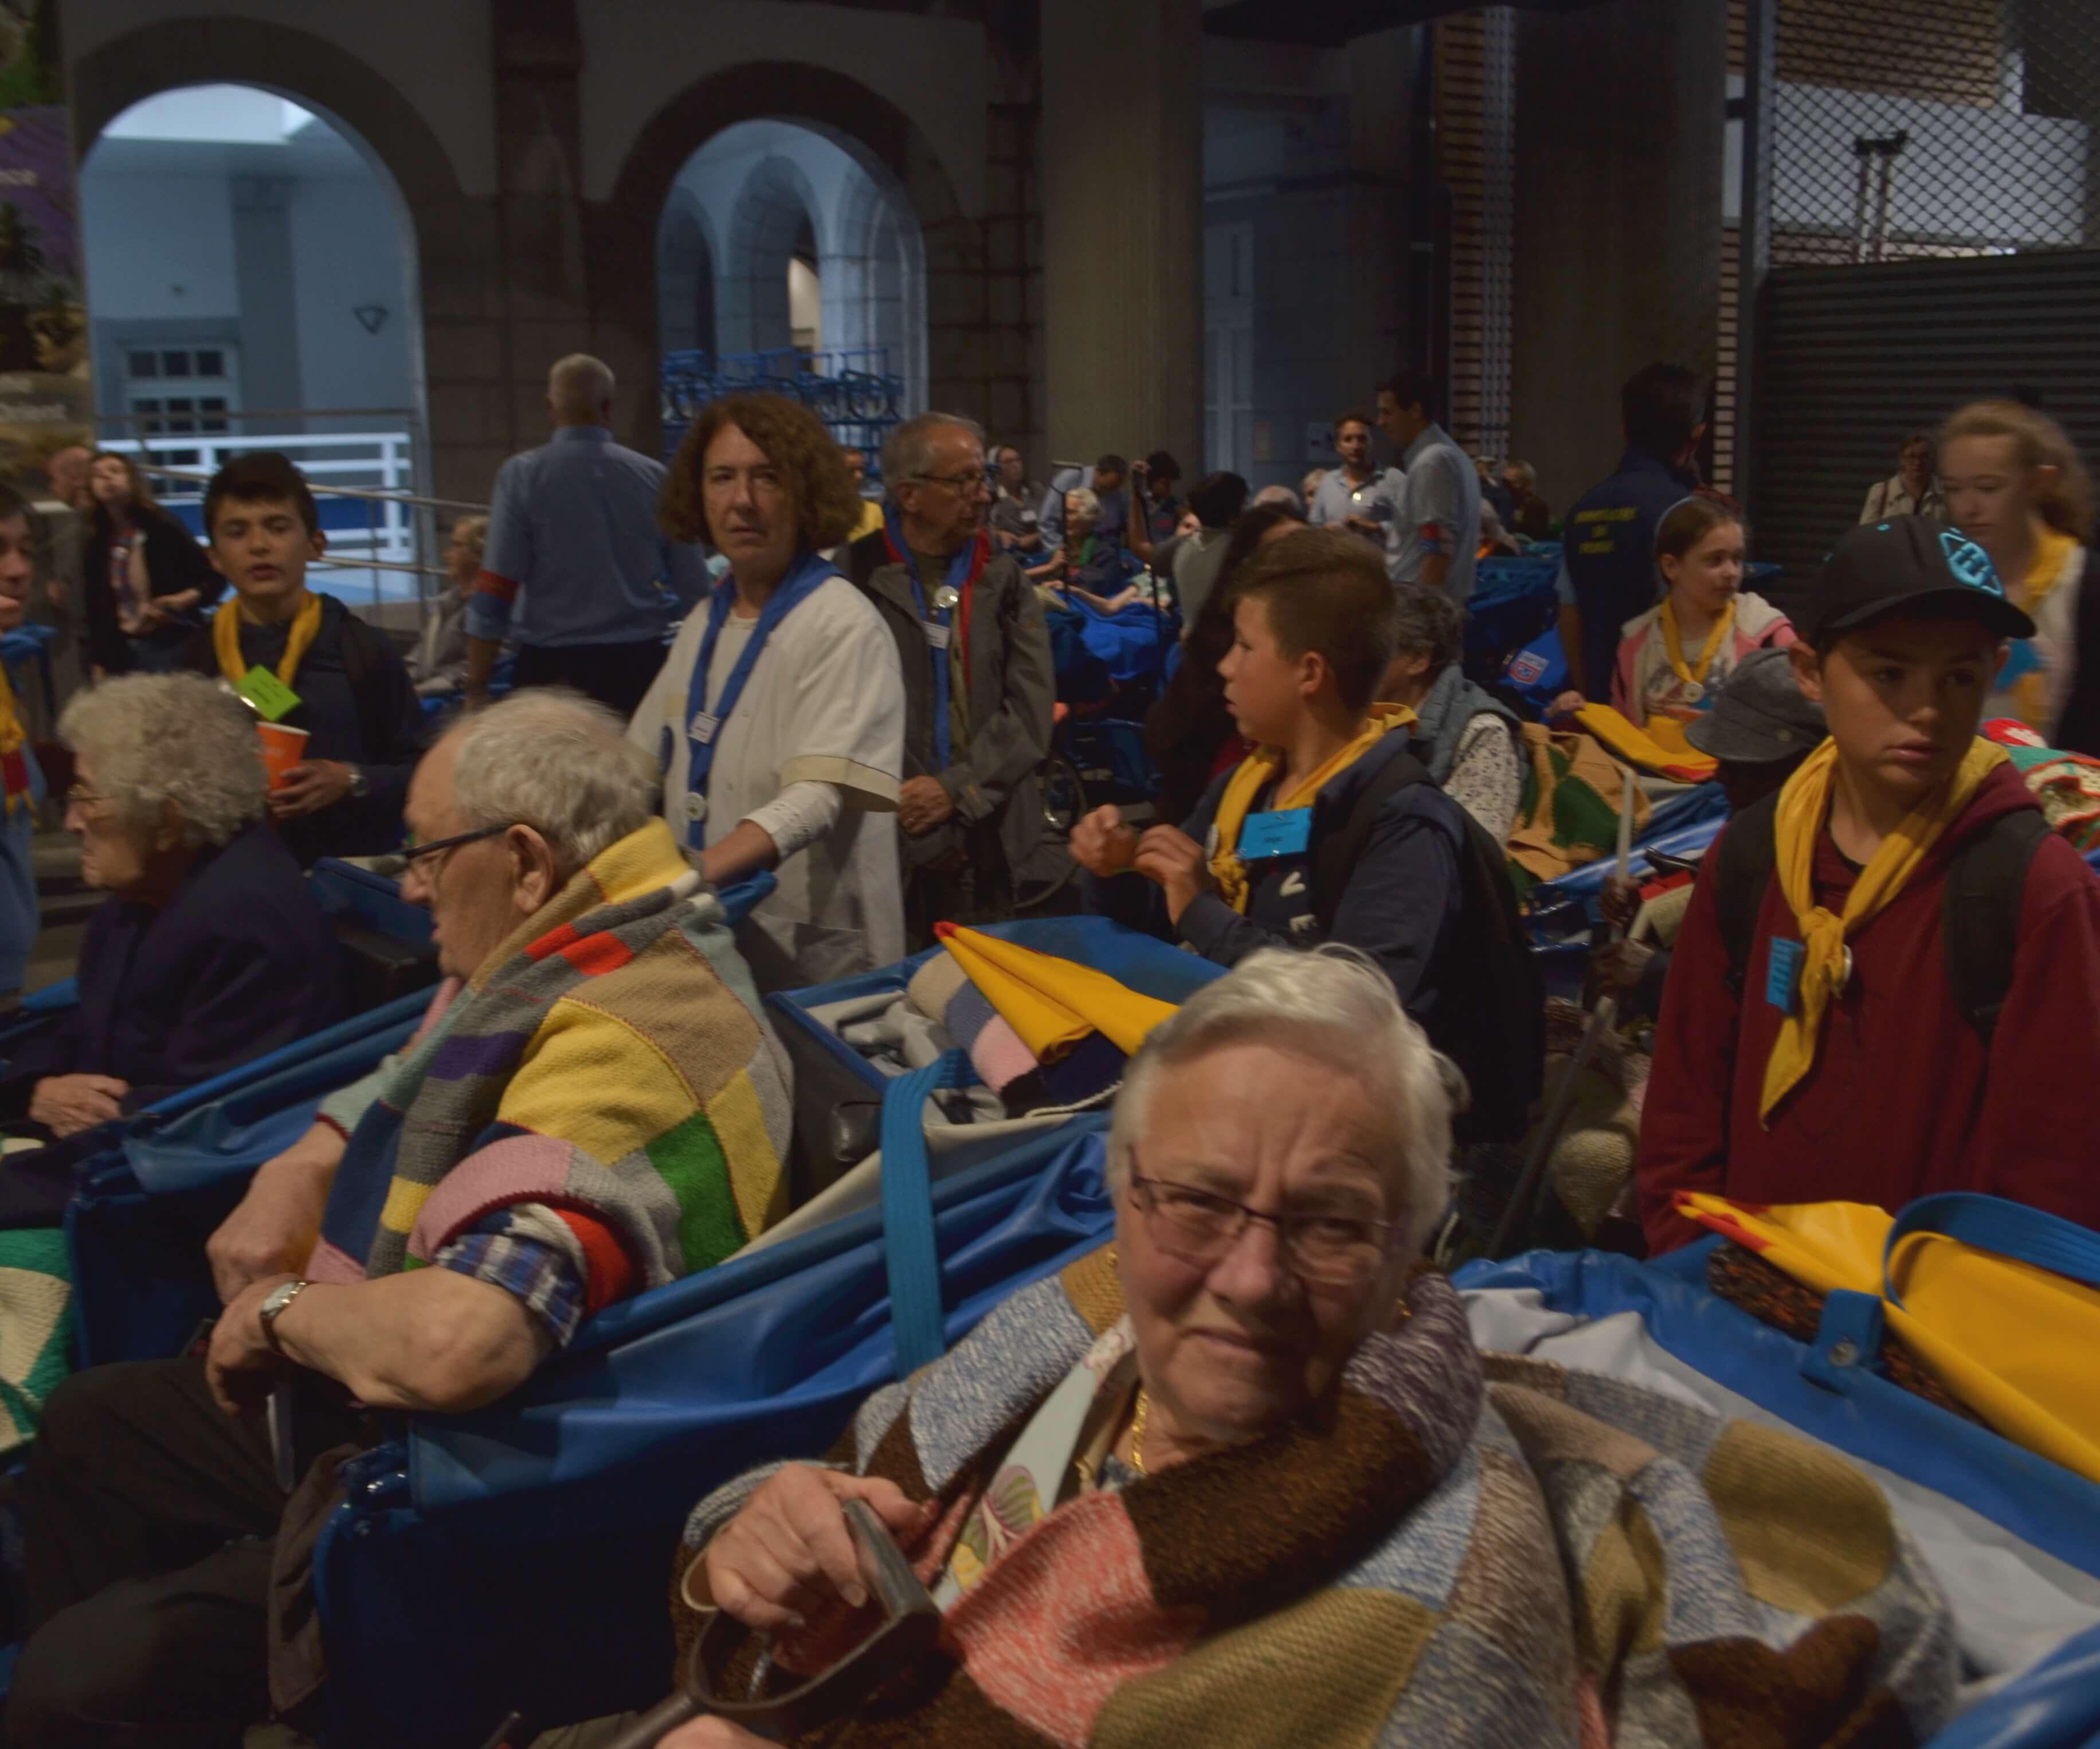 004.Départ pour la Messe internationale